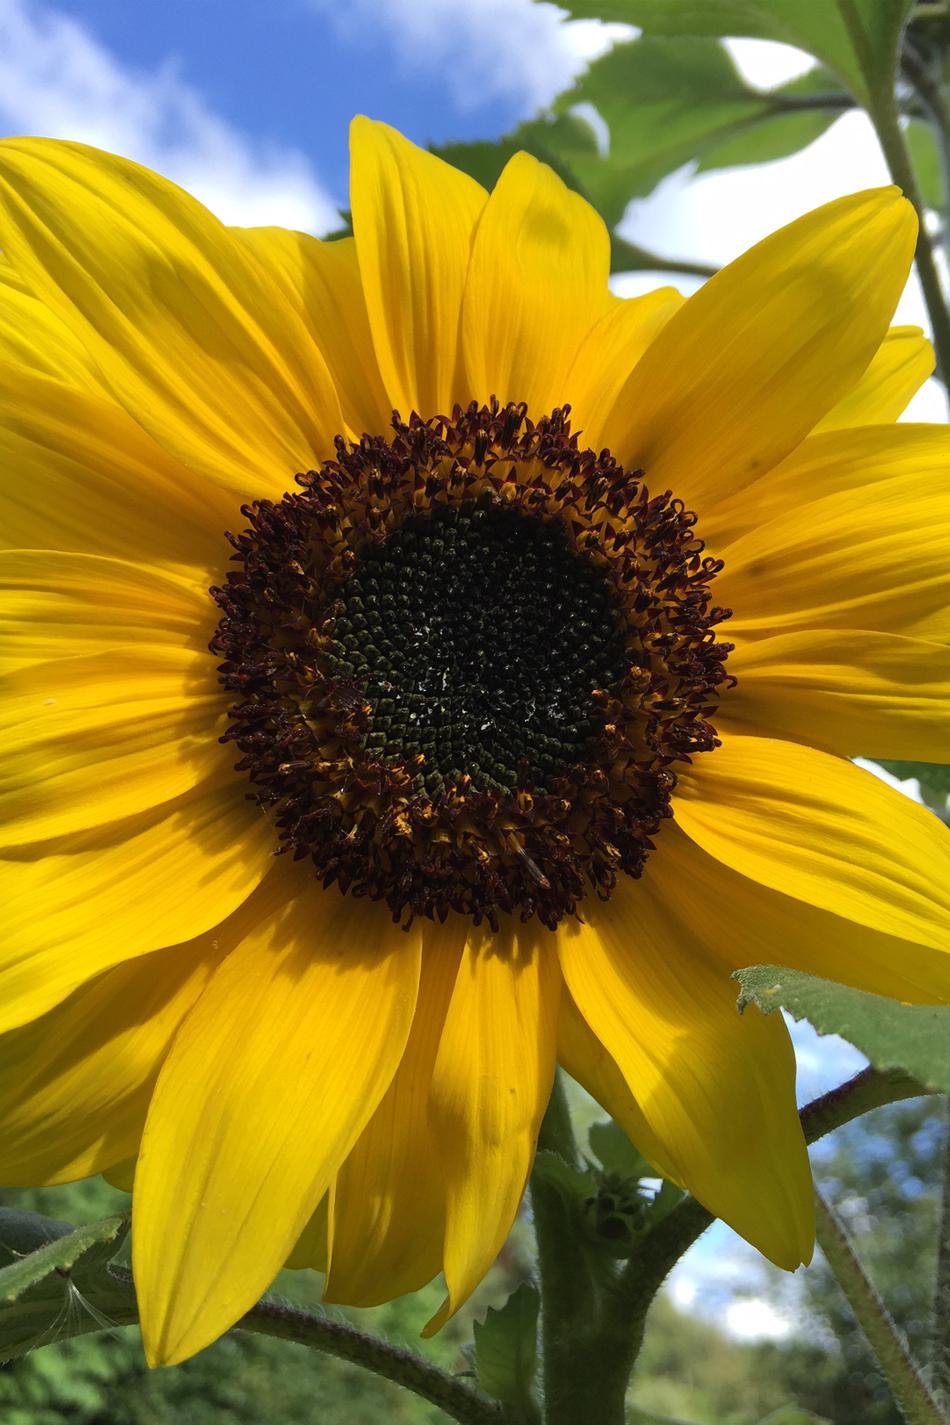 Whizz Maths DM sunflower